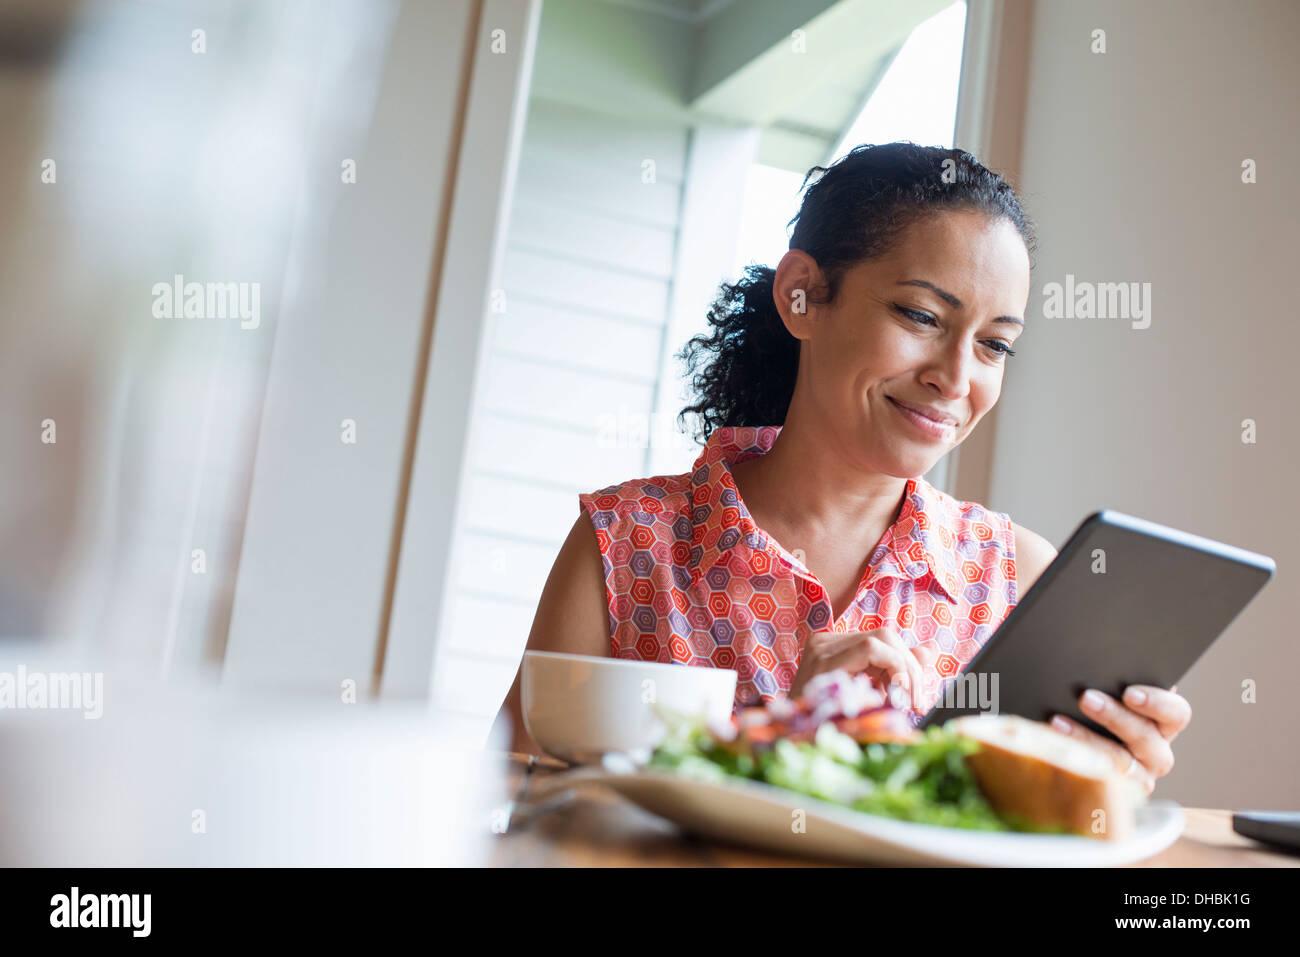 Una mujer joven la lectura de la pantalla de una tableta digital, sentado en una mesa. Café y un sandwich. Imagen De Stock